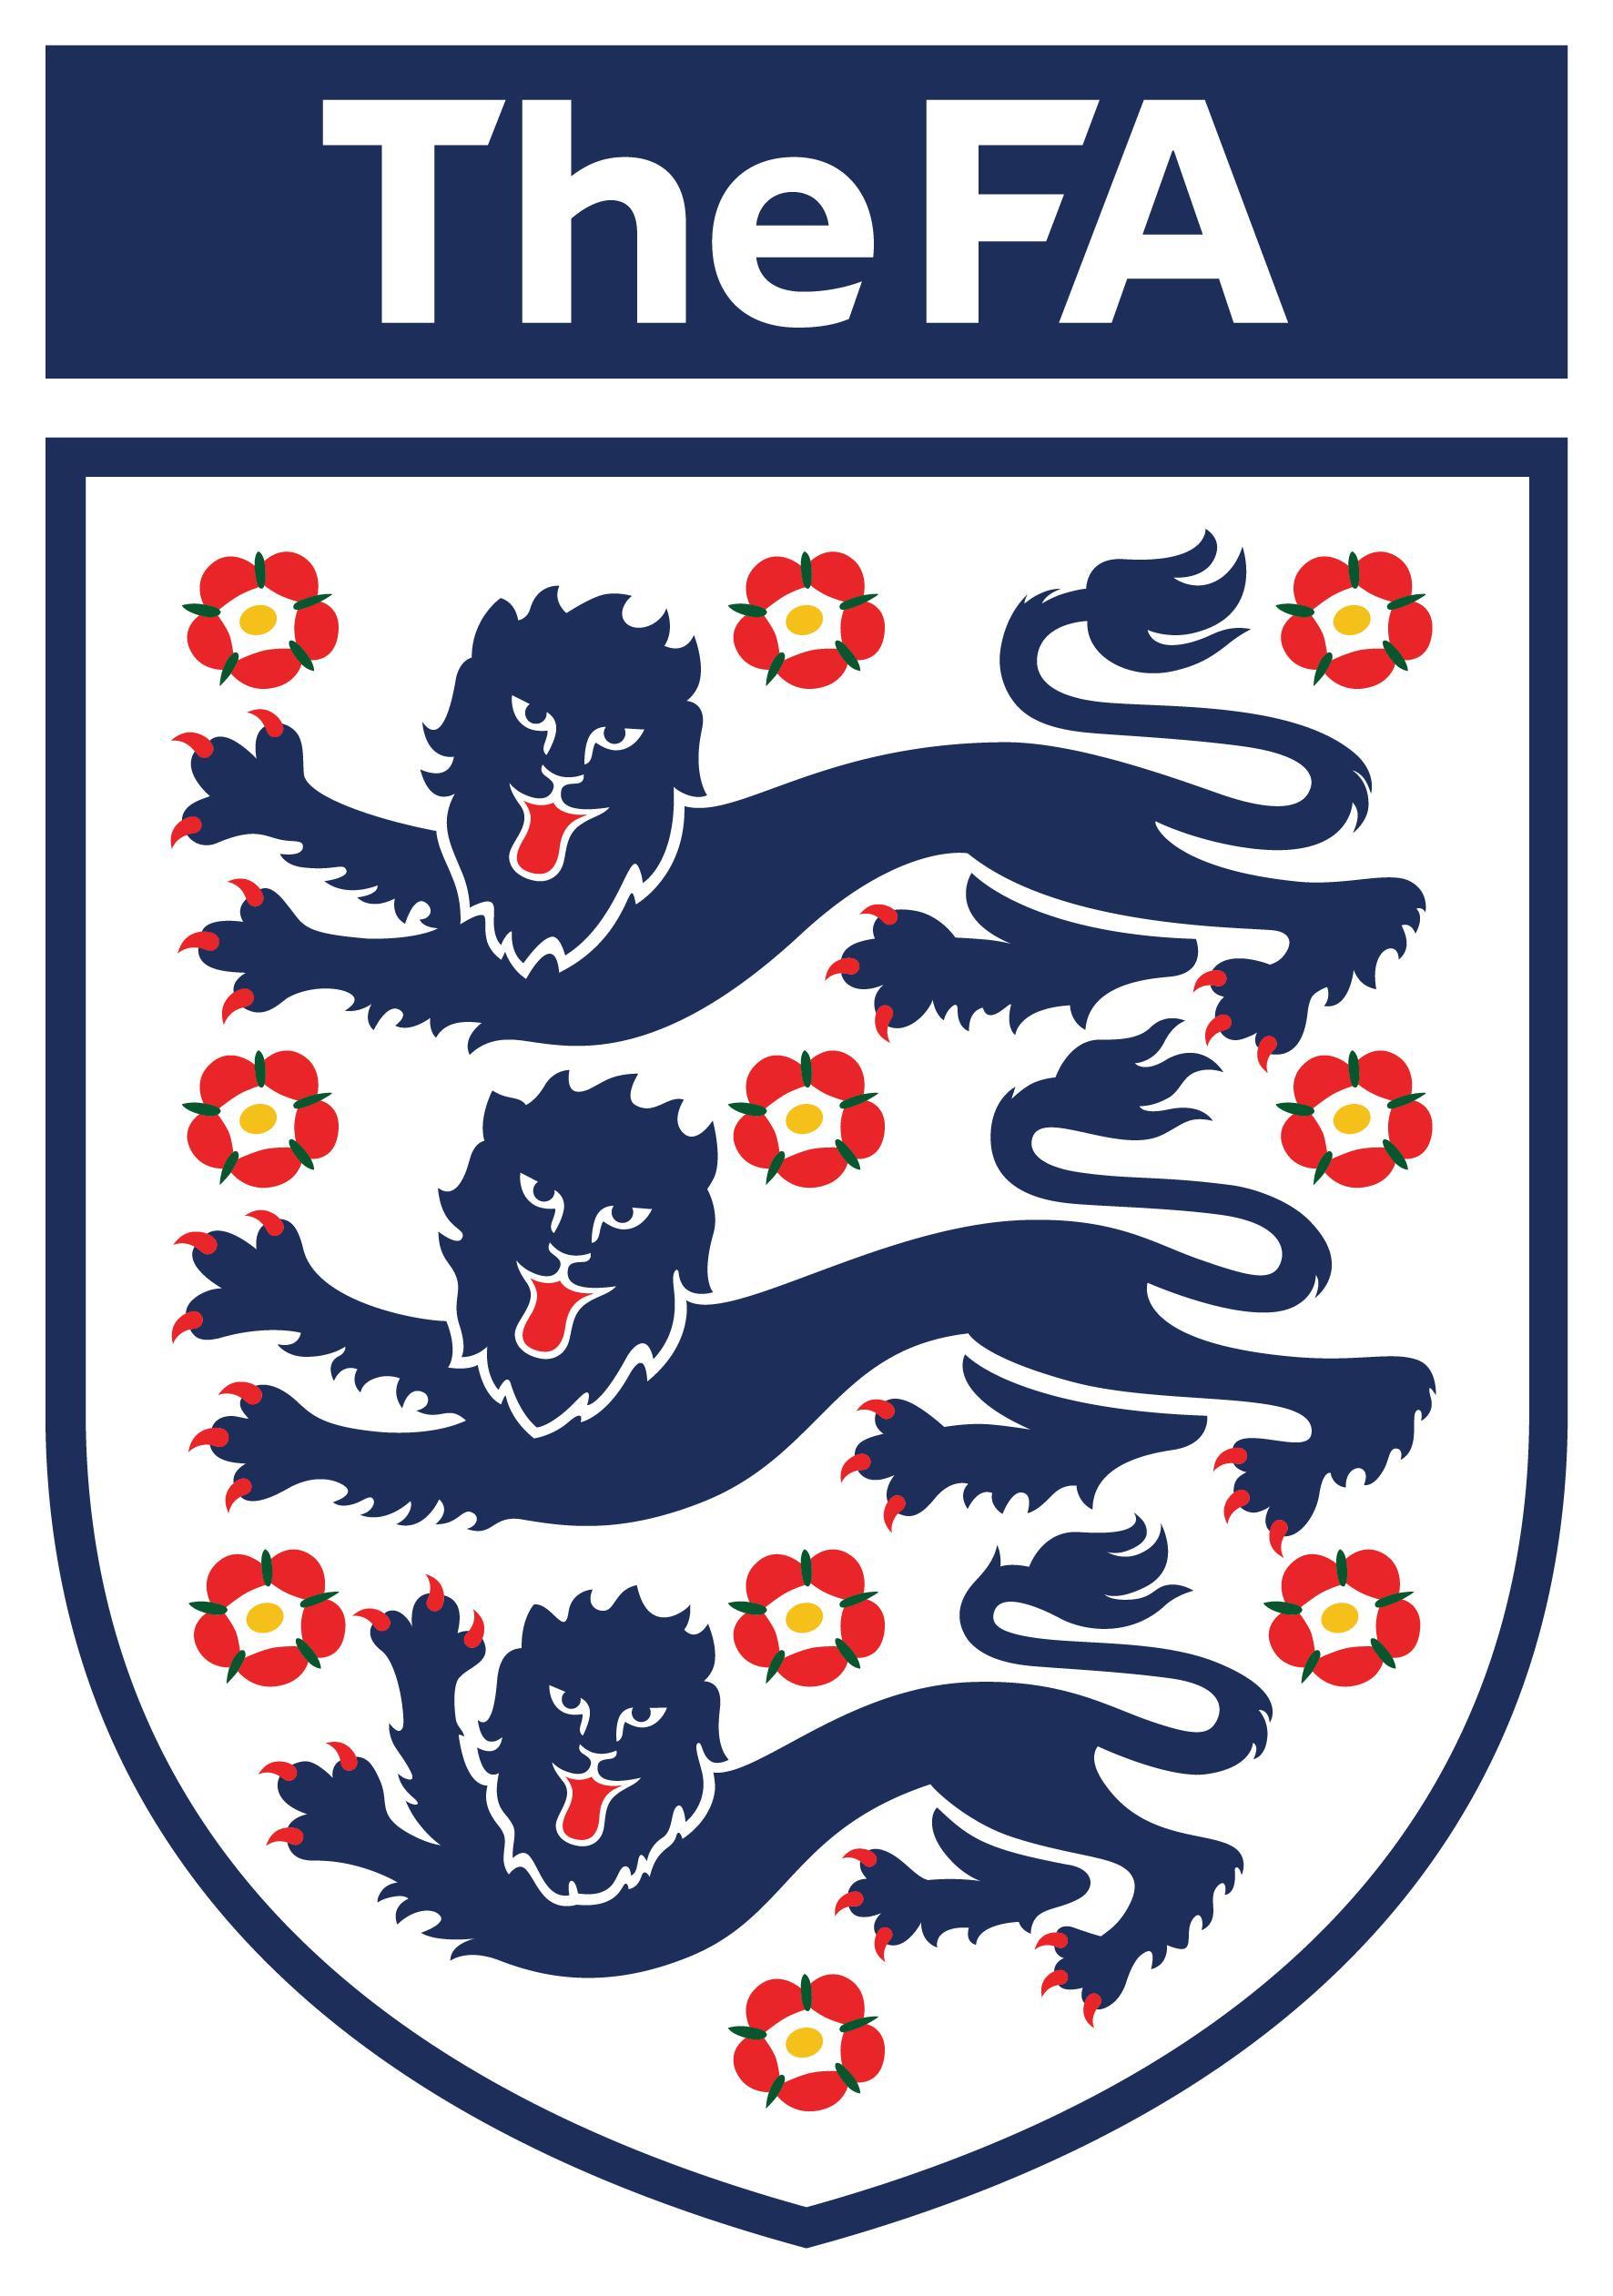 英格兰足球协会